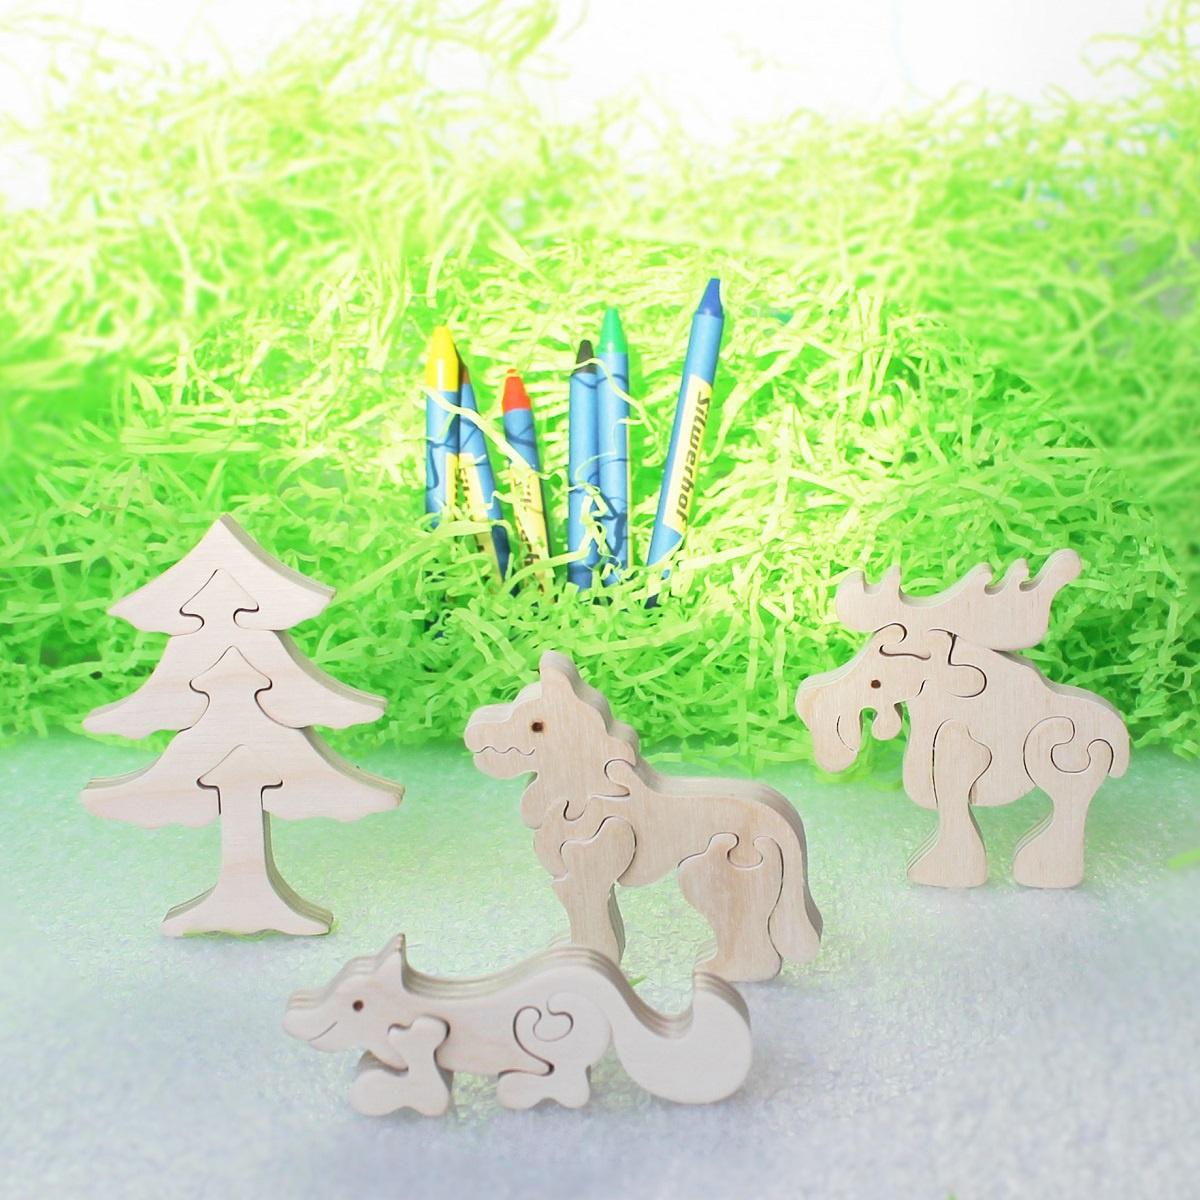 Деревянная модель Стеша Деревянные пазлы и раскраска